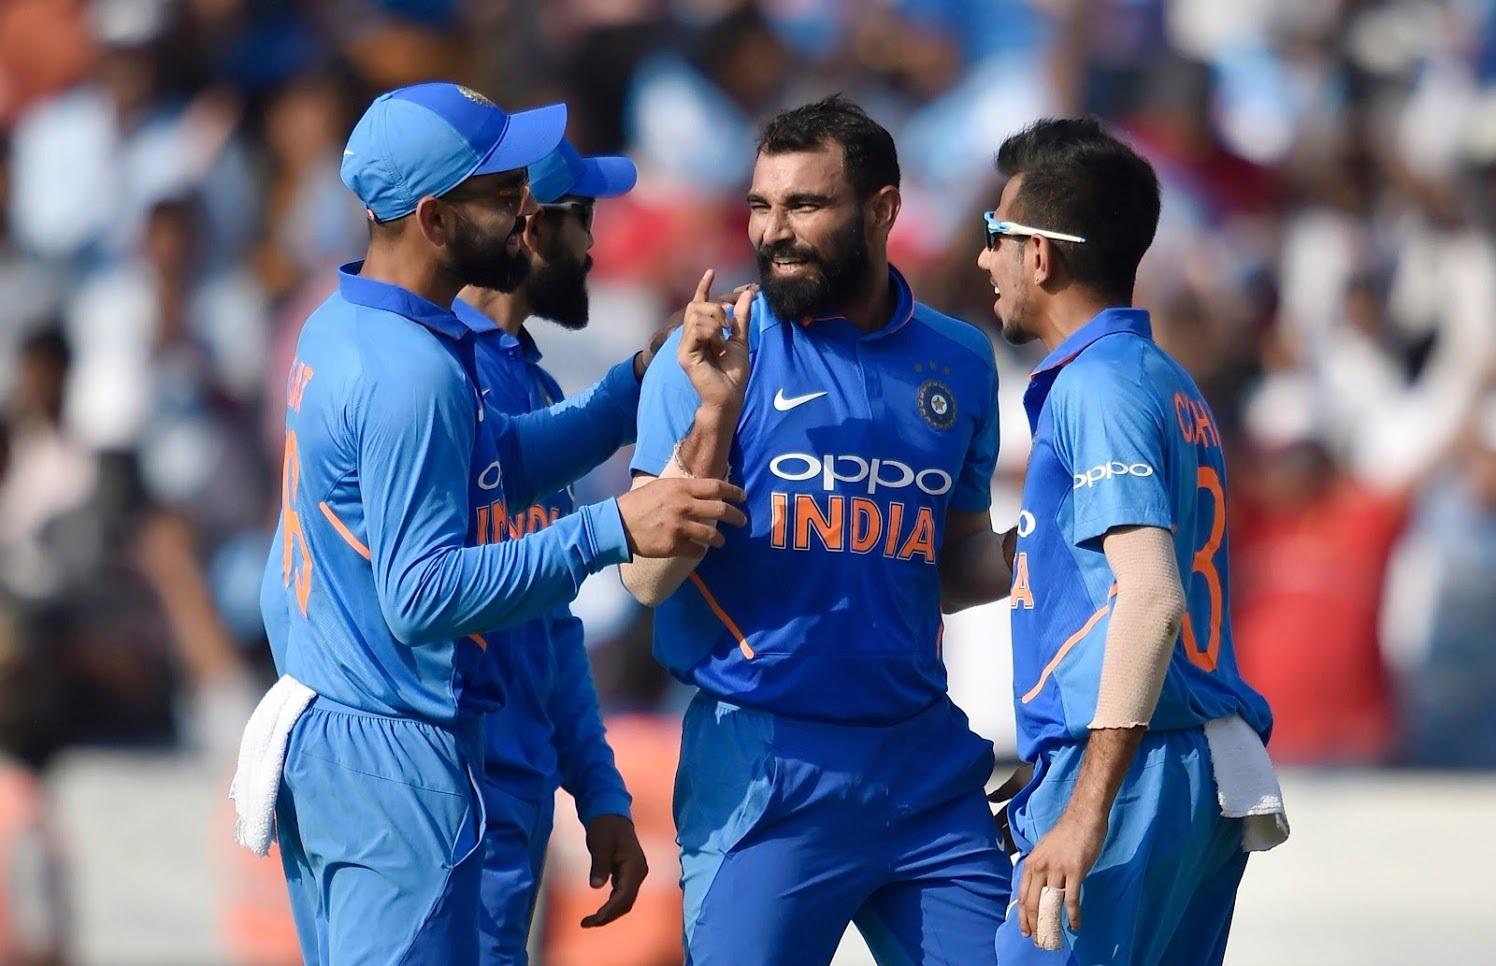 त्यांचे म्हणणे होते की जर बुमराह आणि शमीने एक-दोन गडी बाद केल्यास सामना आपल्या हातात येईल. विराटने त्यांचे म्हणणे ऐकले आणि त्याचाच परिणाम म्हणजे भारताने सामना जिंकला.